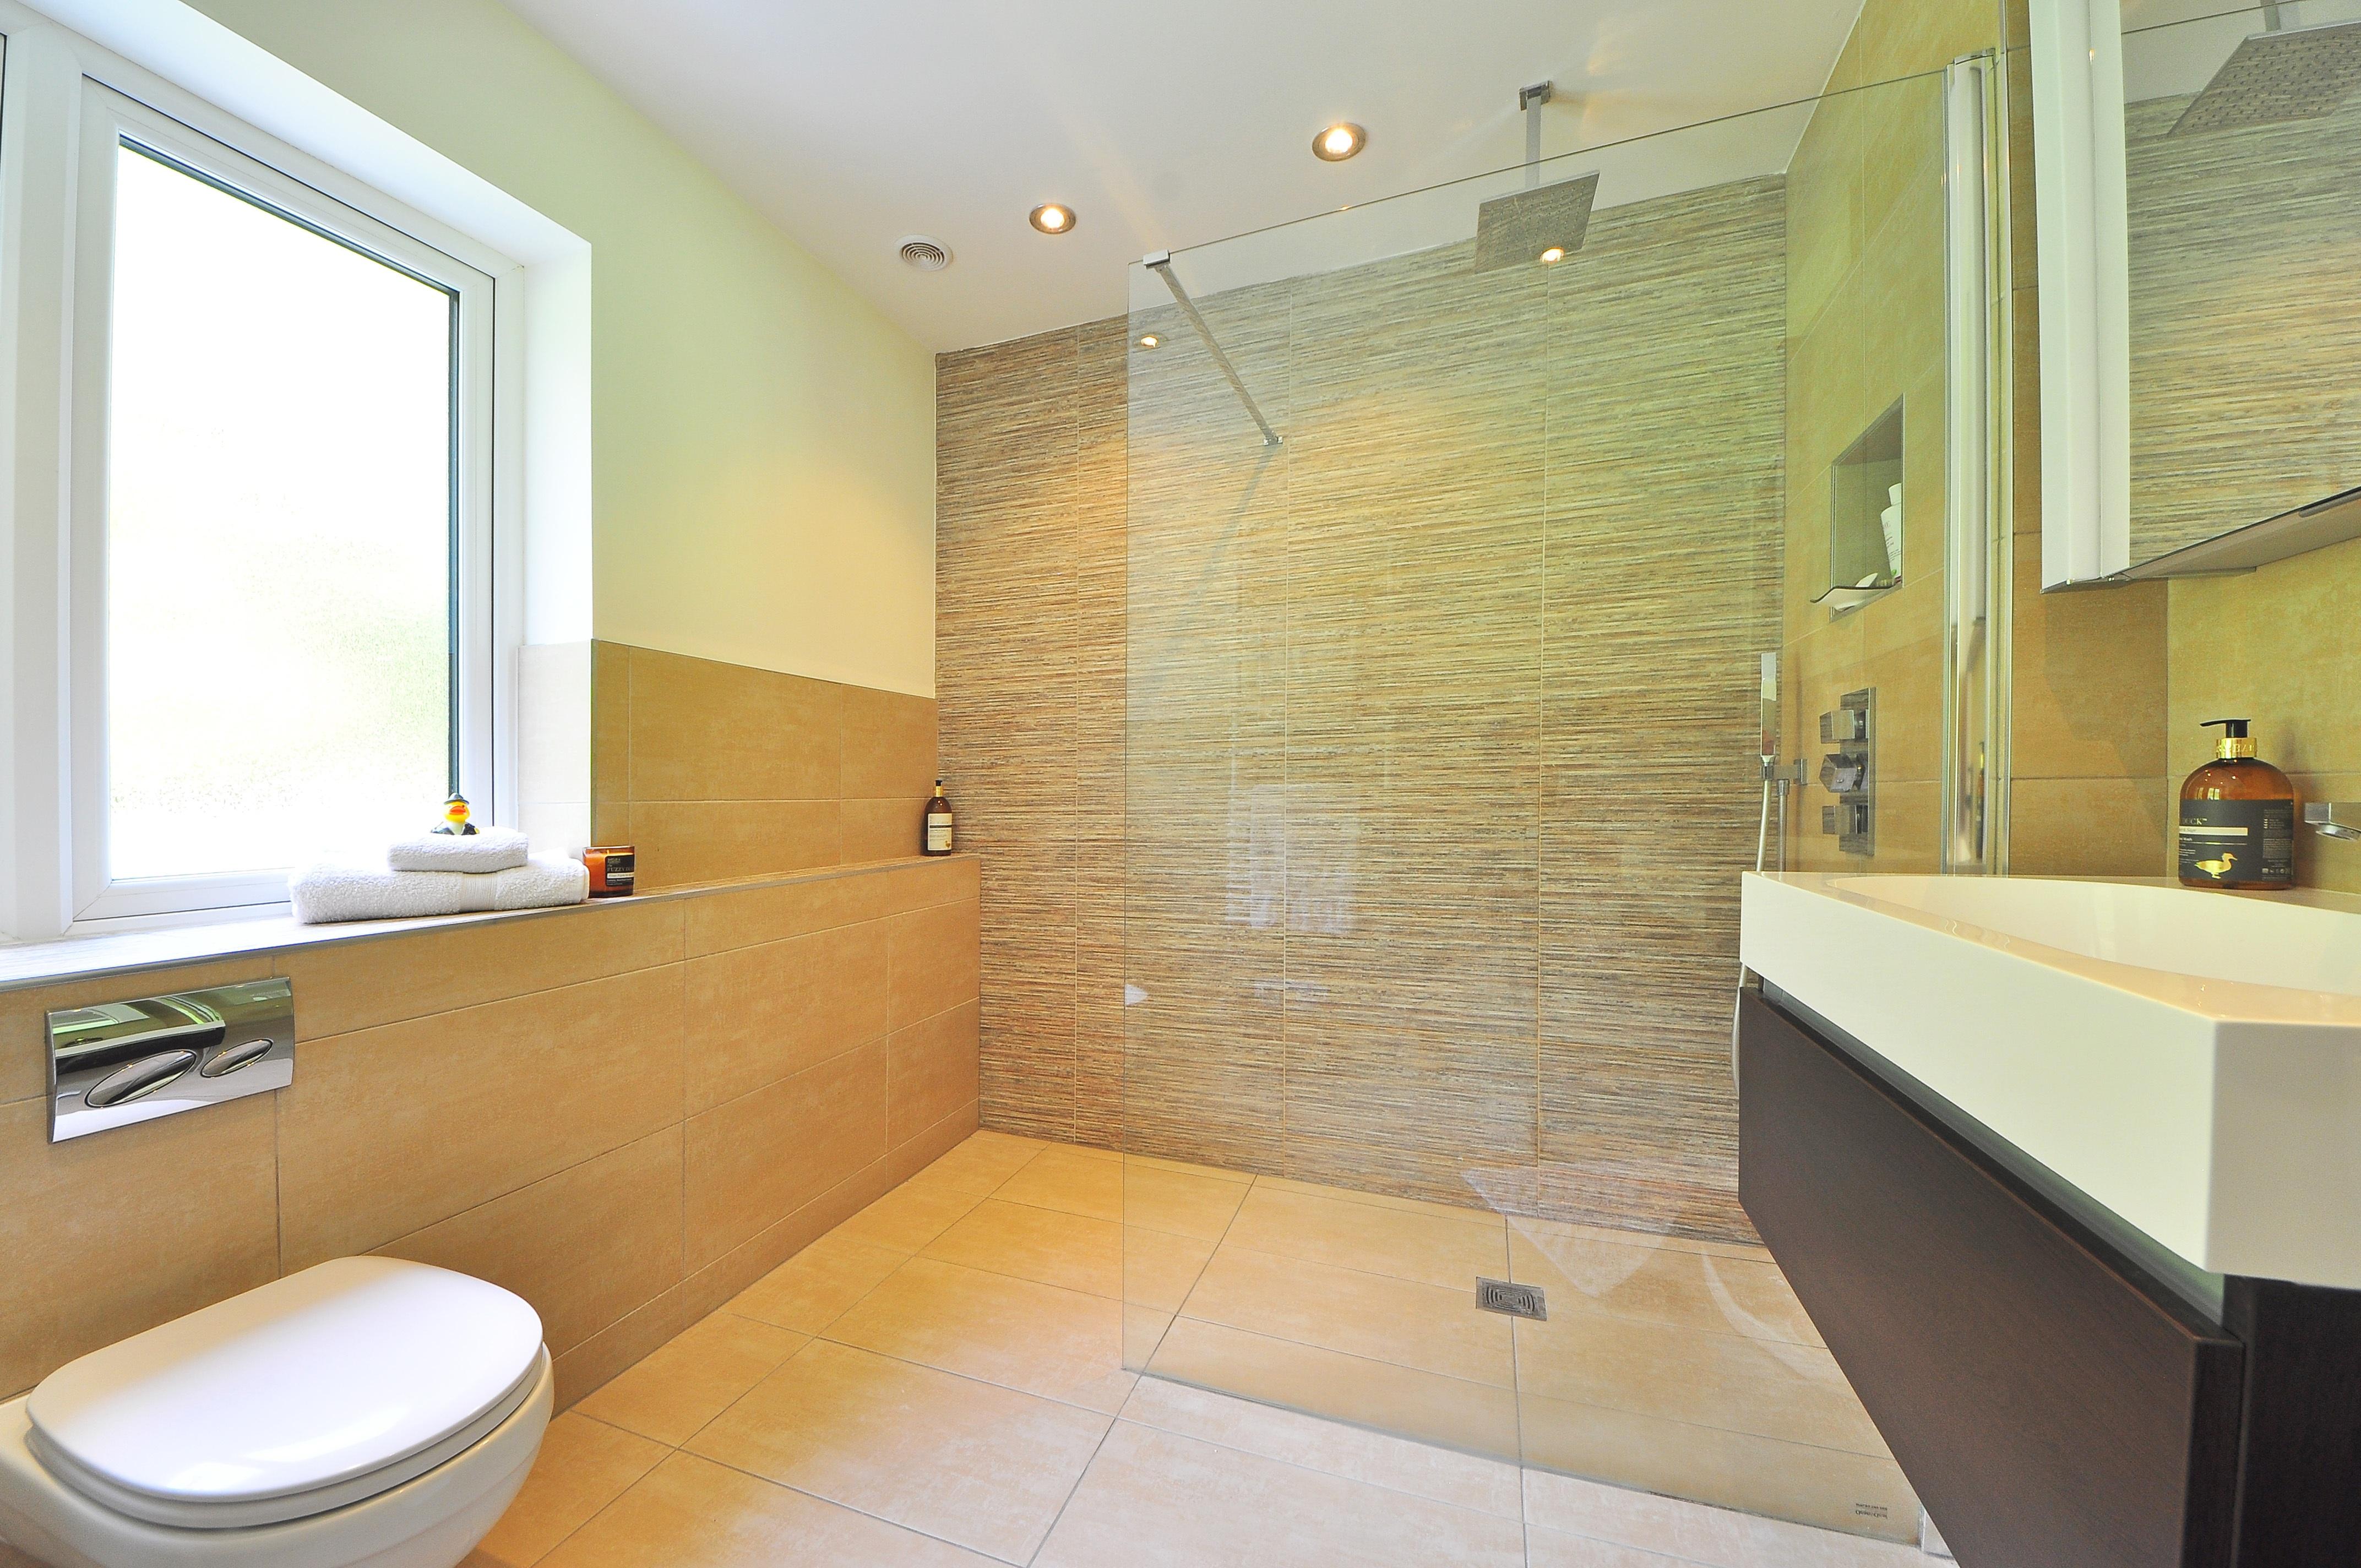 Vantaggi e svantaggi della doccia filo pavimento per un for Bagno moderno doccia